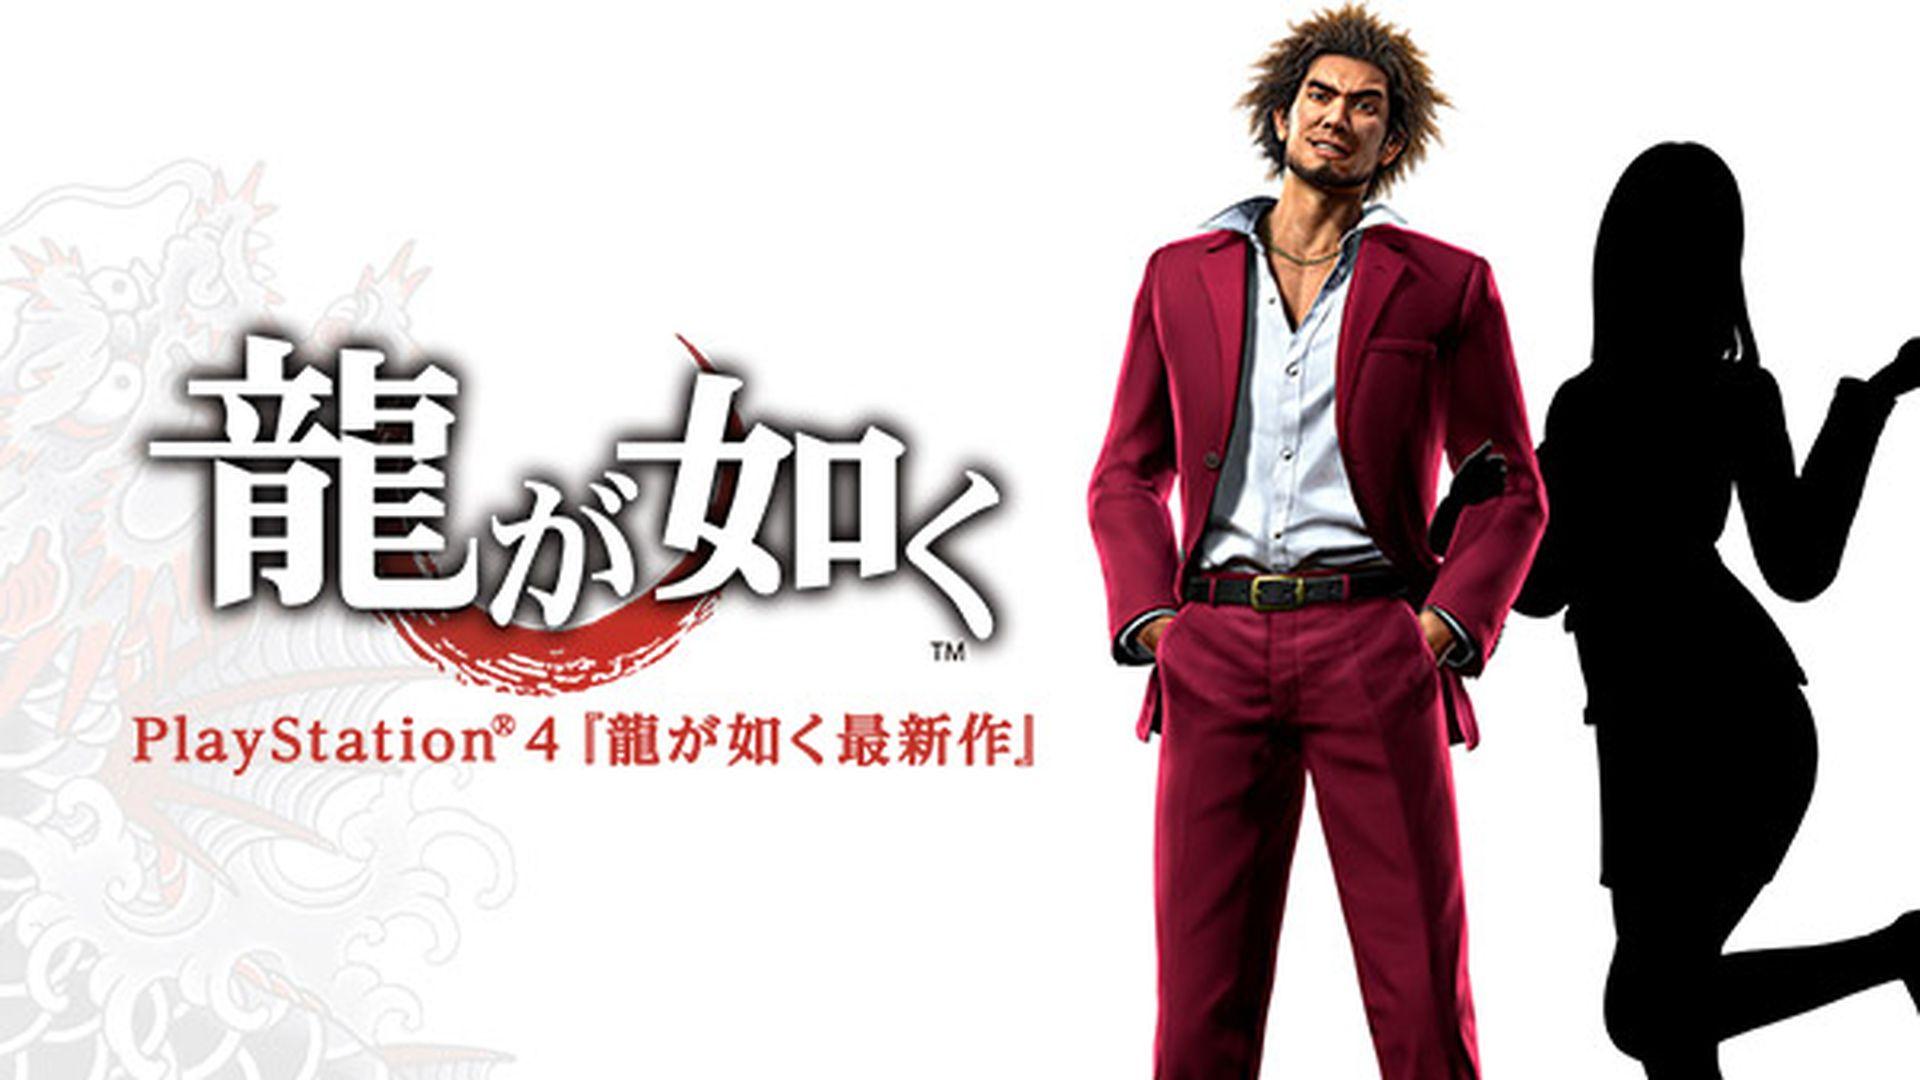 开发顺利!《如龙》系列总监名越稔洋谈新作及PS5